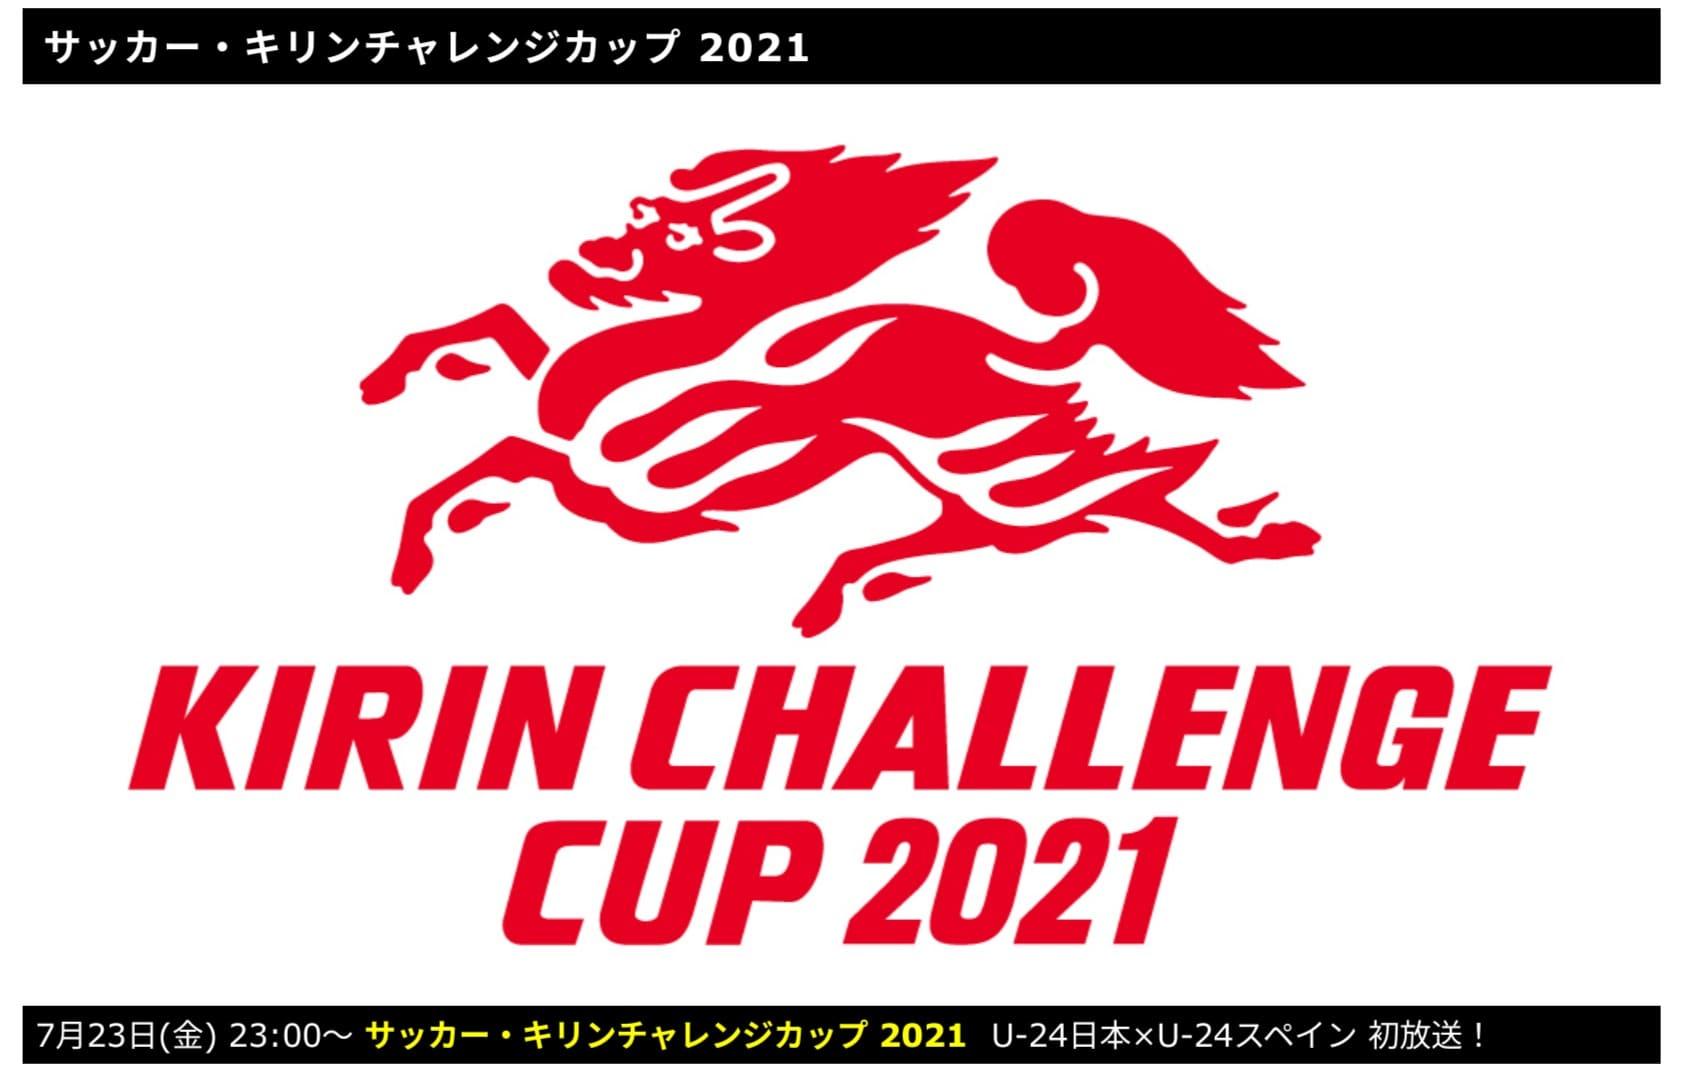 サッカー・キリンチャレンジカップ 2021_サッカー日テレジータス_U24スペイン代表戦 (1)